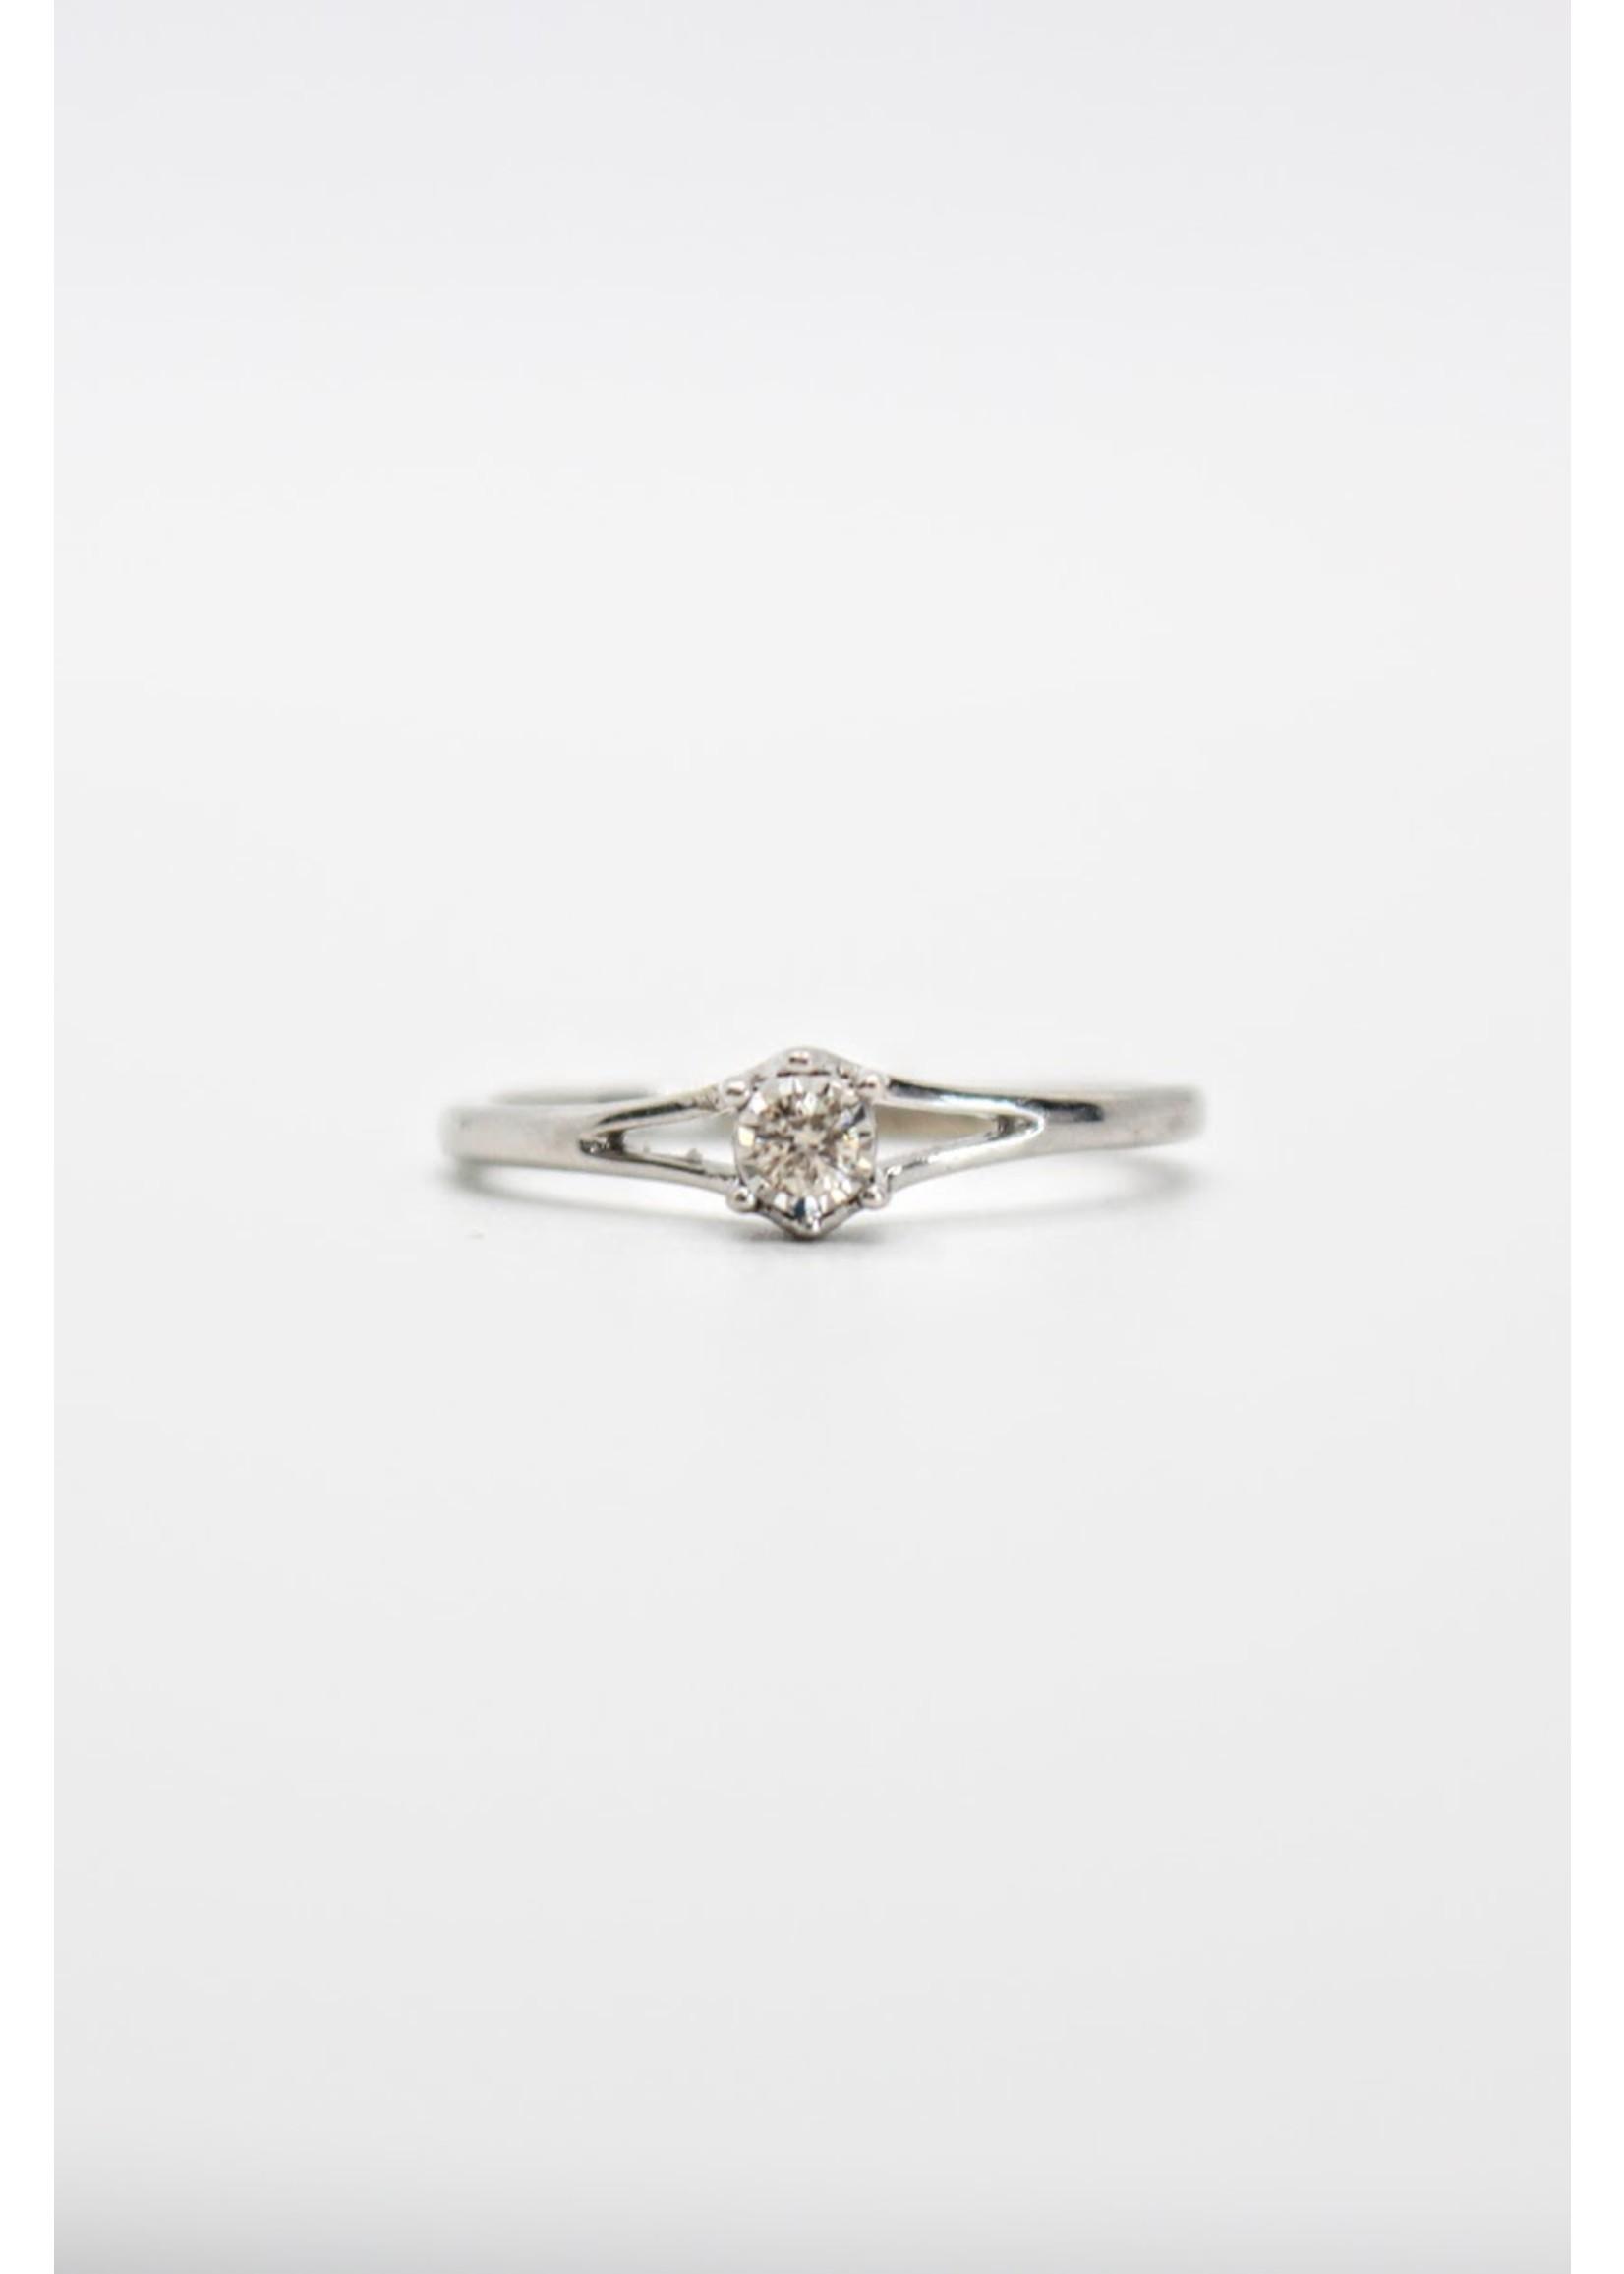 Bague de fiançailles solitaire illusion Or blanc 10K avec diamant